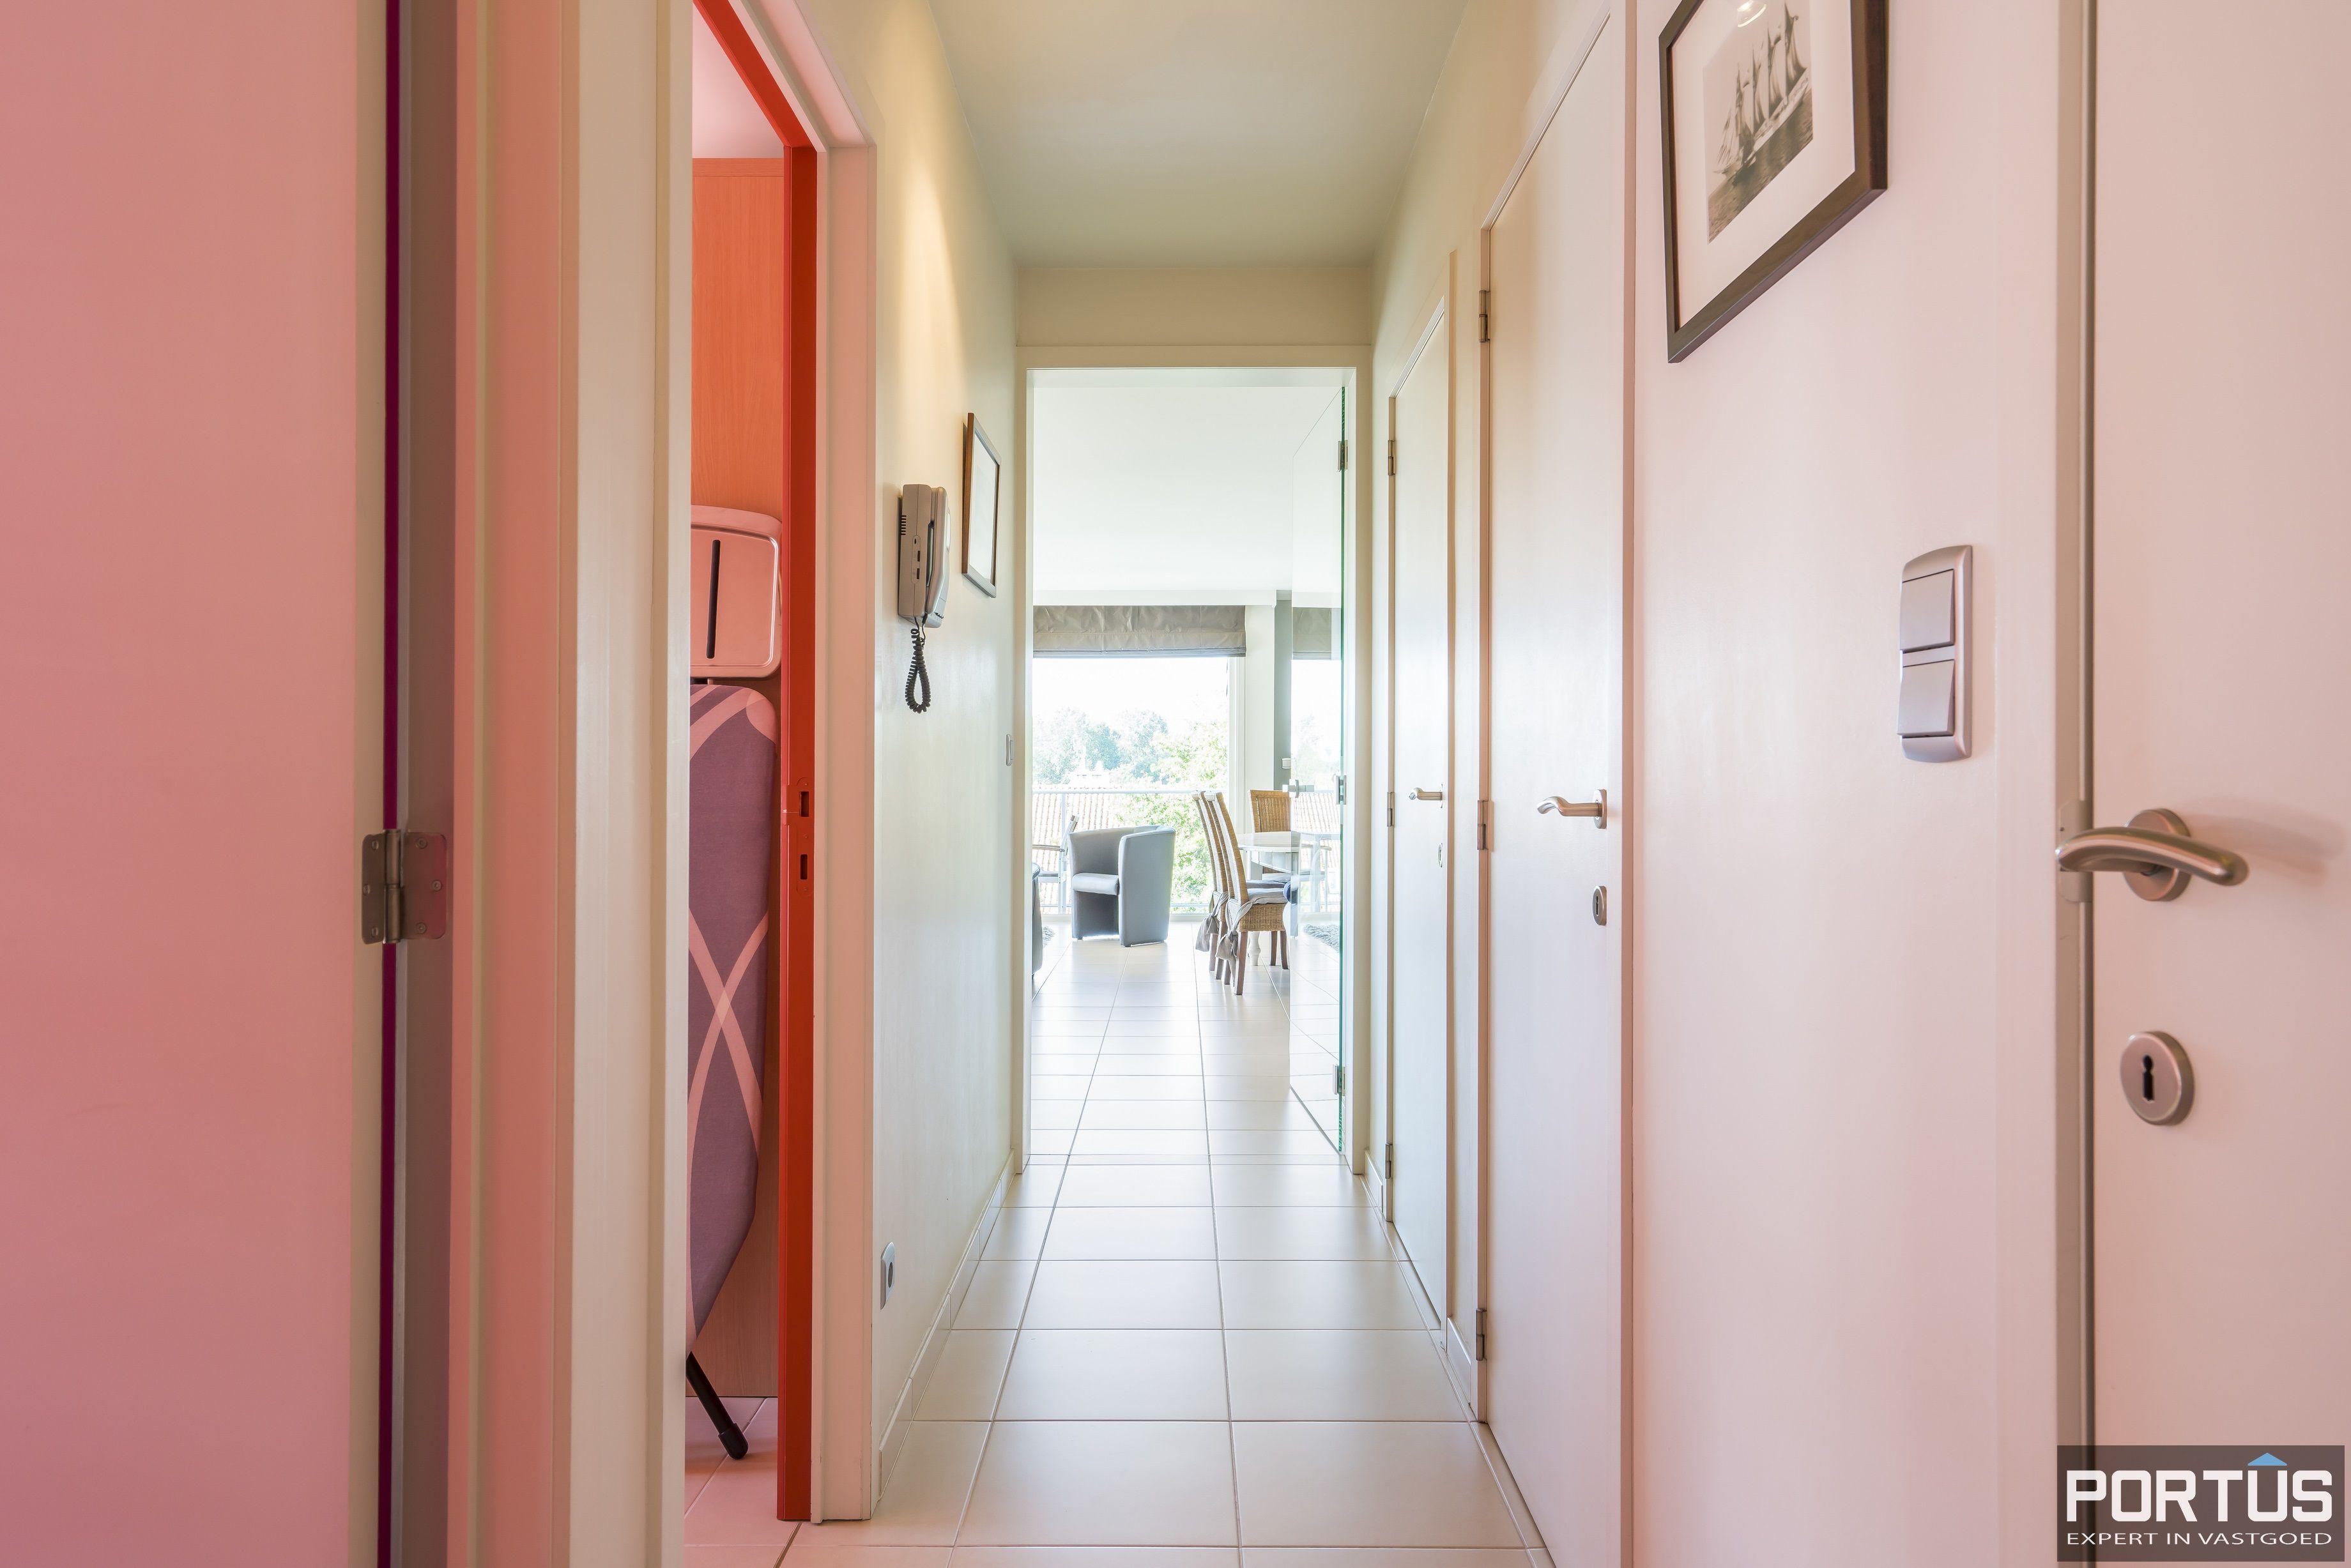 Instapklaar zongericht appartement met 2 slaapkamers te koop - 11512